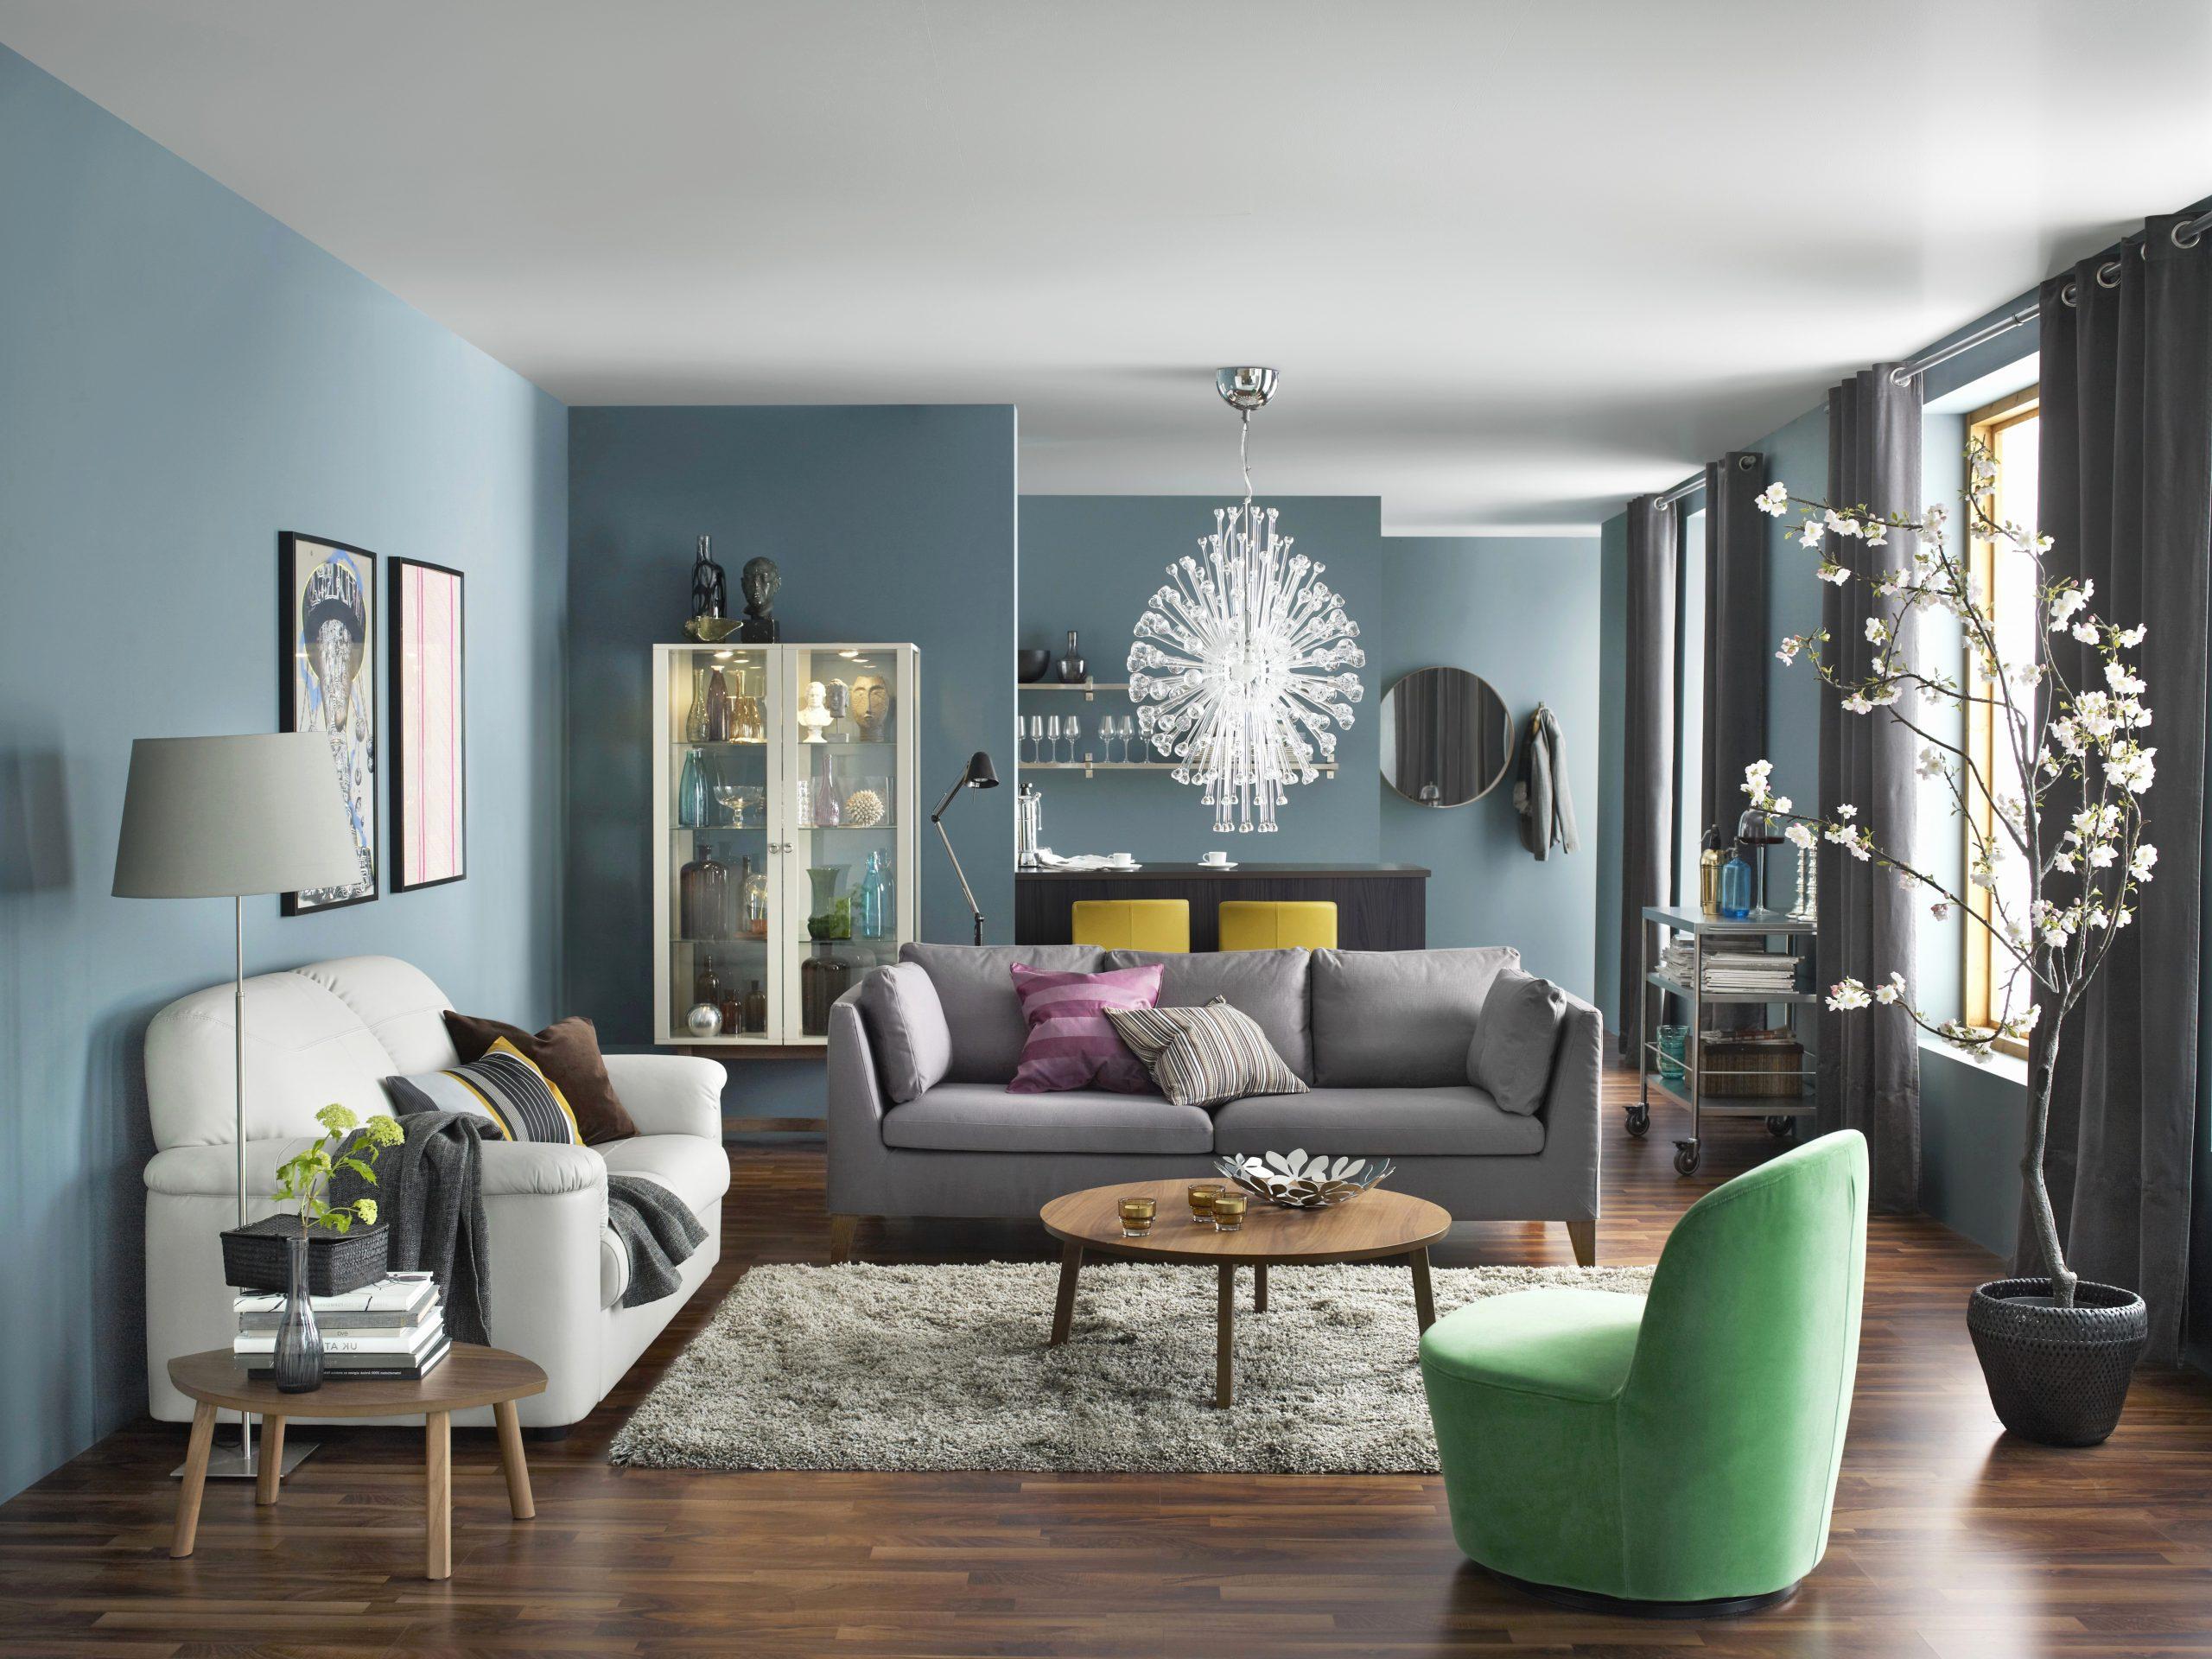 Full Size of Decken Dekoration Wohnzimmer Elegant 40 Ideen Für Wohnzimmer Deko Ideen Wohnzimmer Wohnzimmer Decken